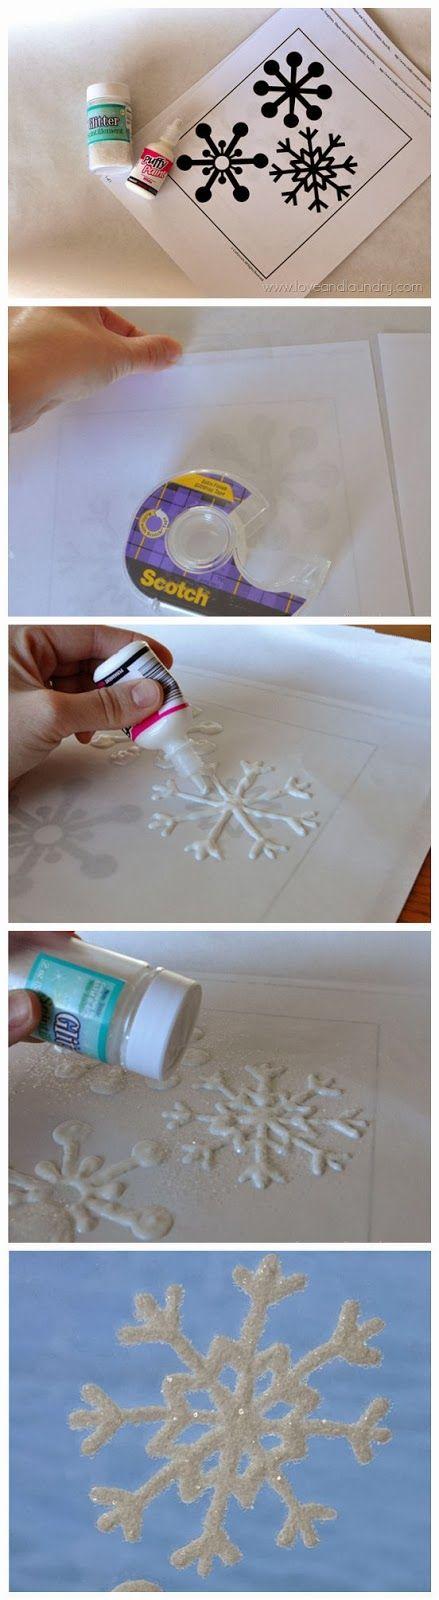 Fazer enfeite de natal de floco de neve